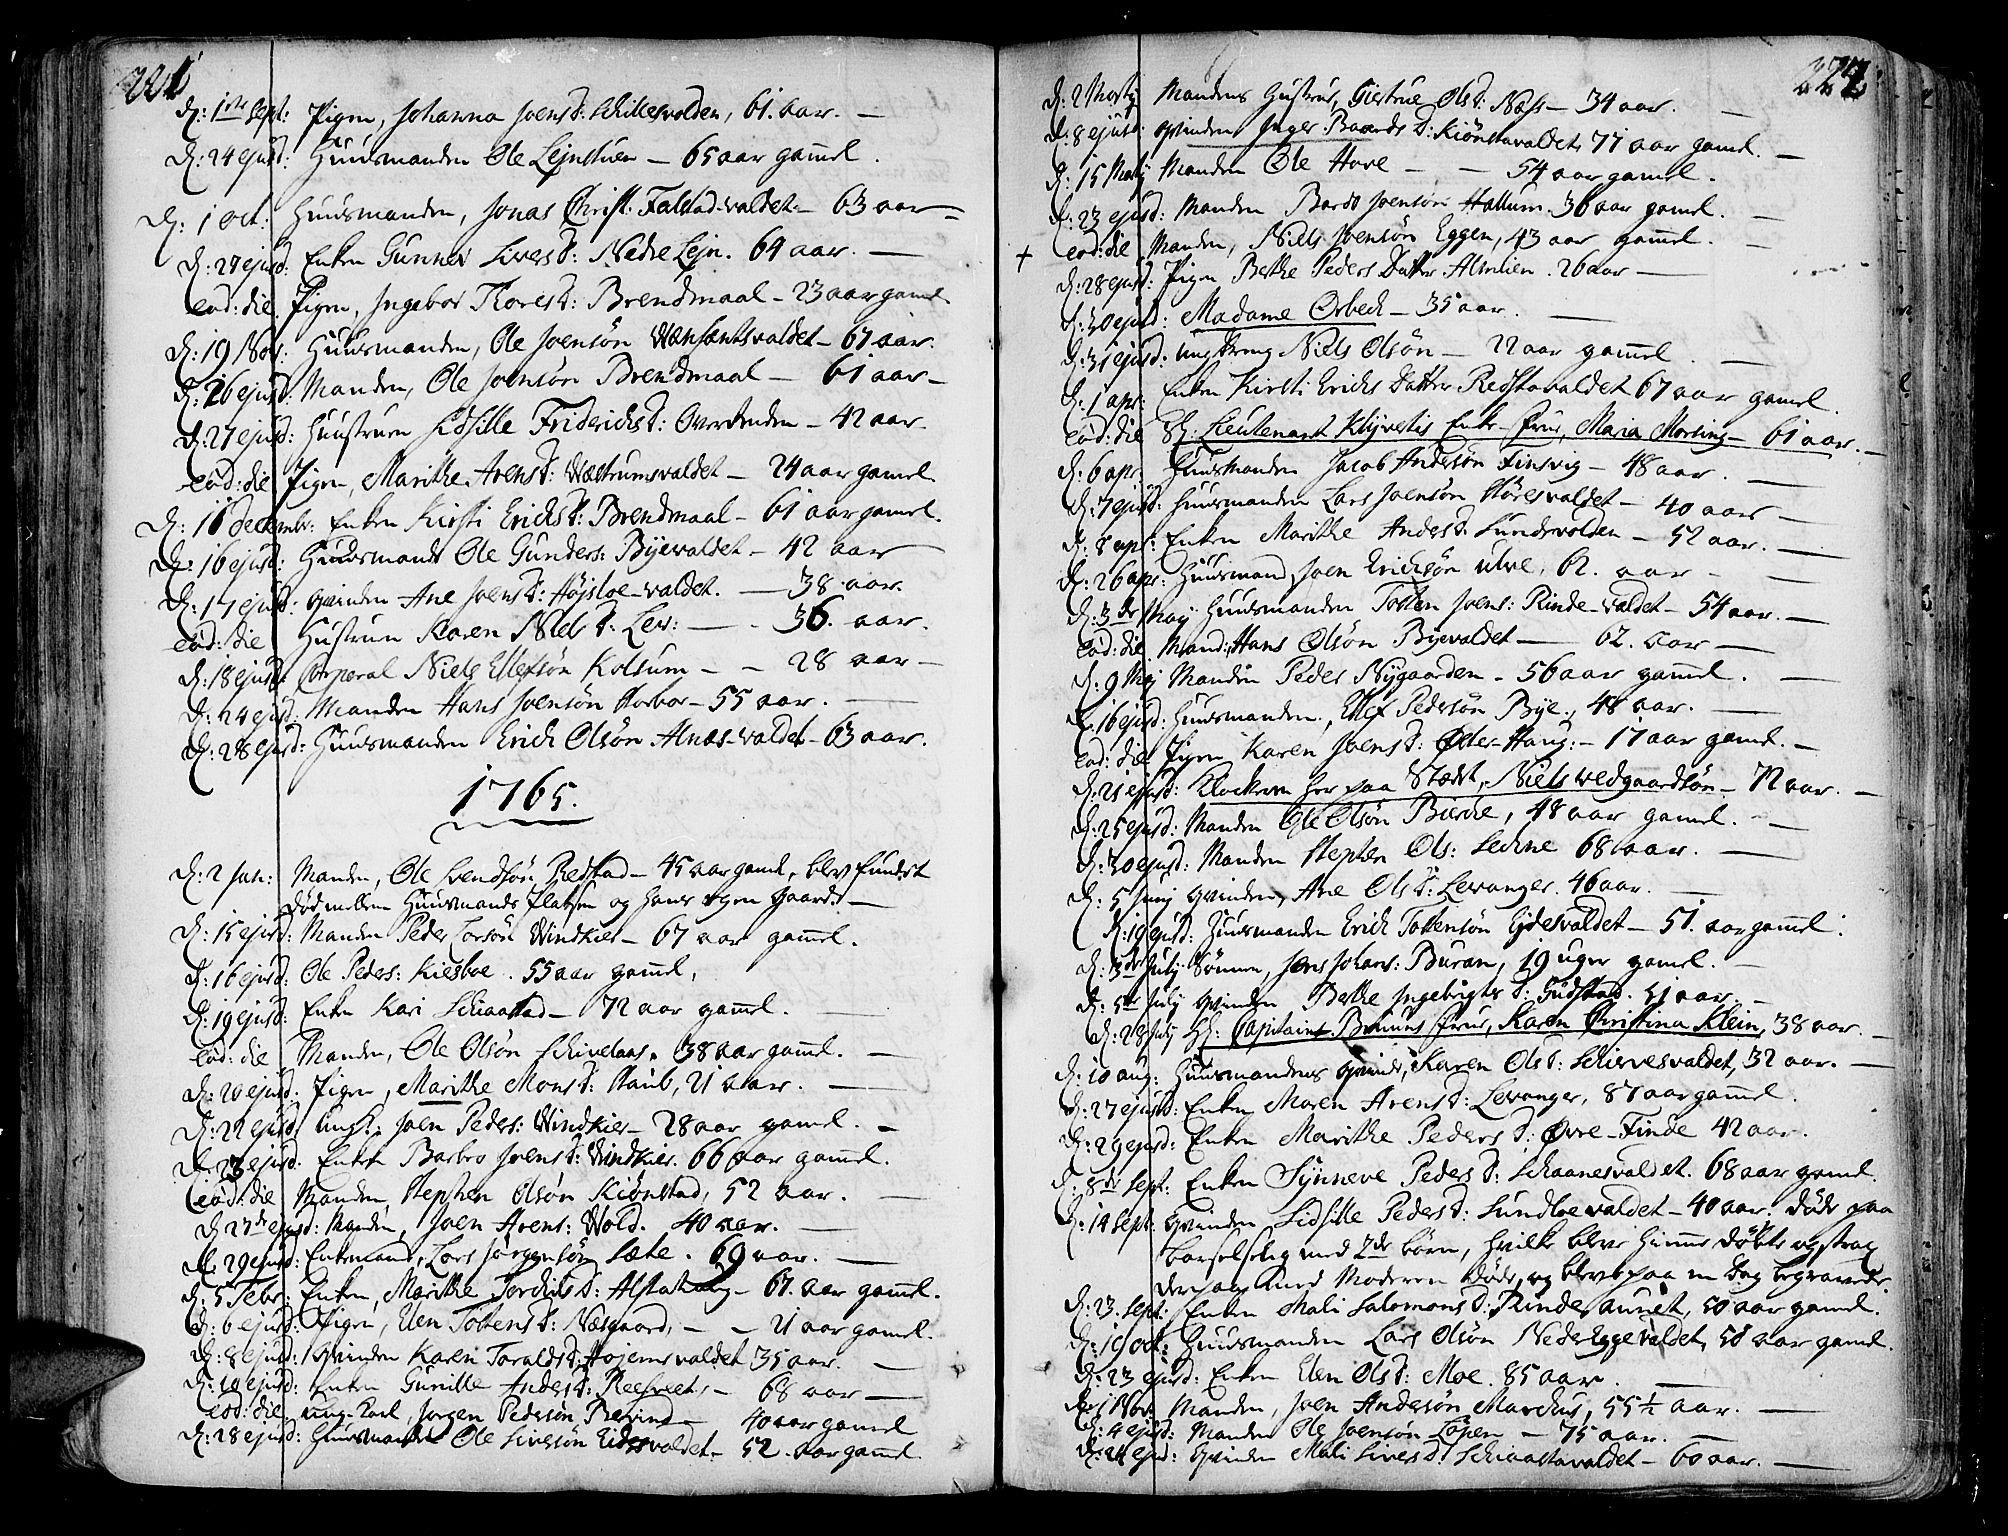 SAT, Ministerialprotokoller, klokkerbøker og fødselsregistre - Nord-Trøndelag, 717/L0141: Ministerialbok nr. 717A01, 1747-1803, s. 221-222